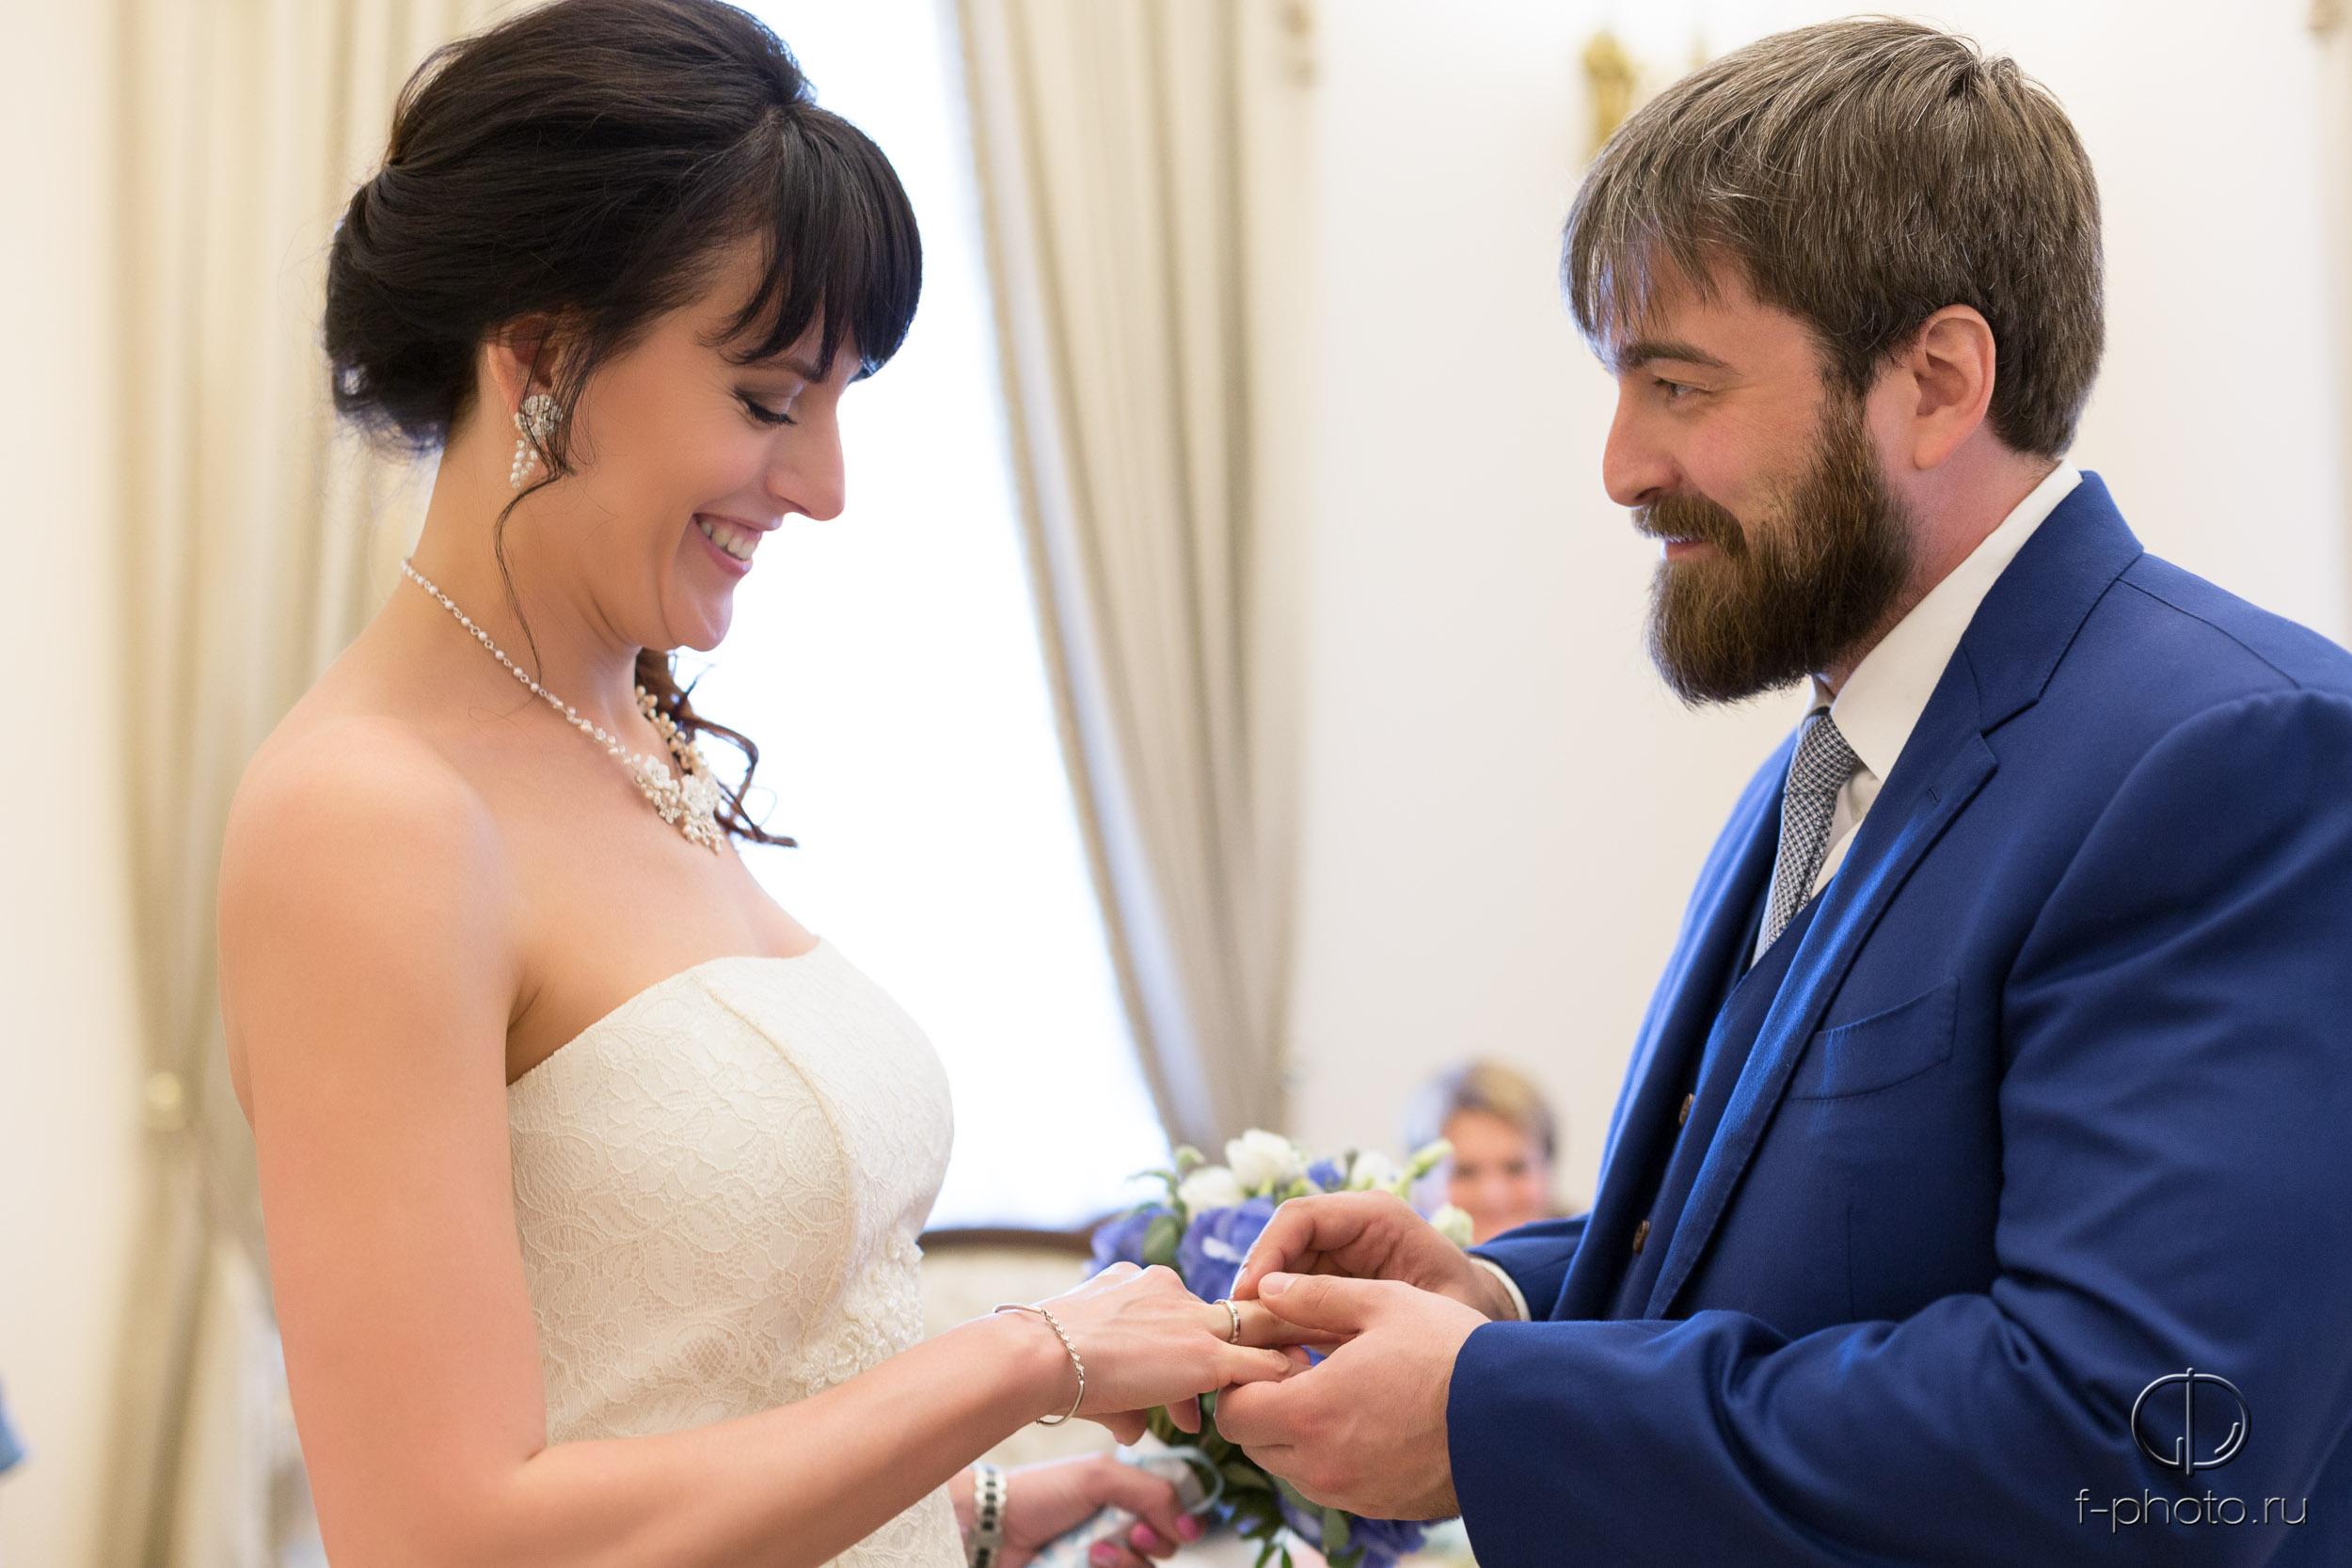 Обмен кольцами во время церемонии